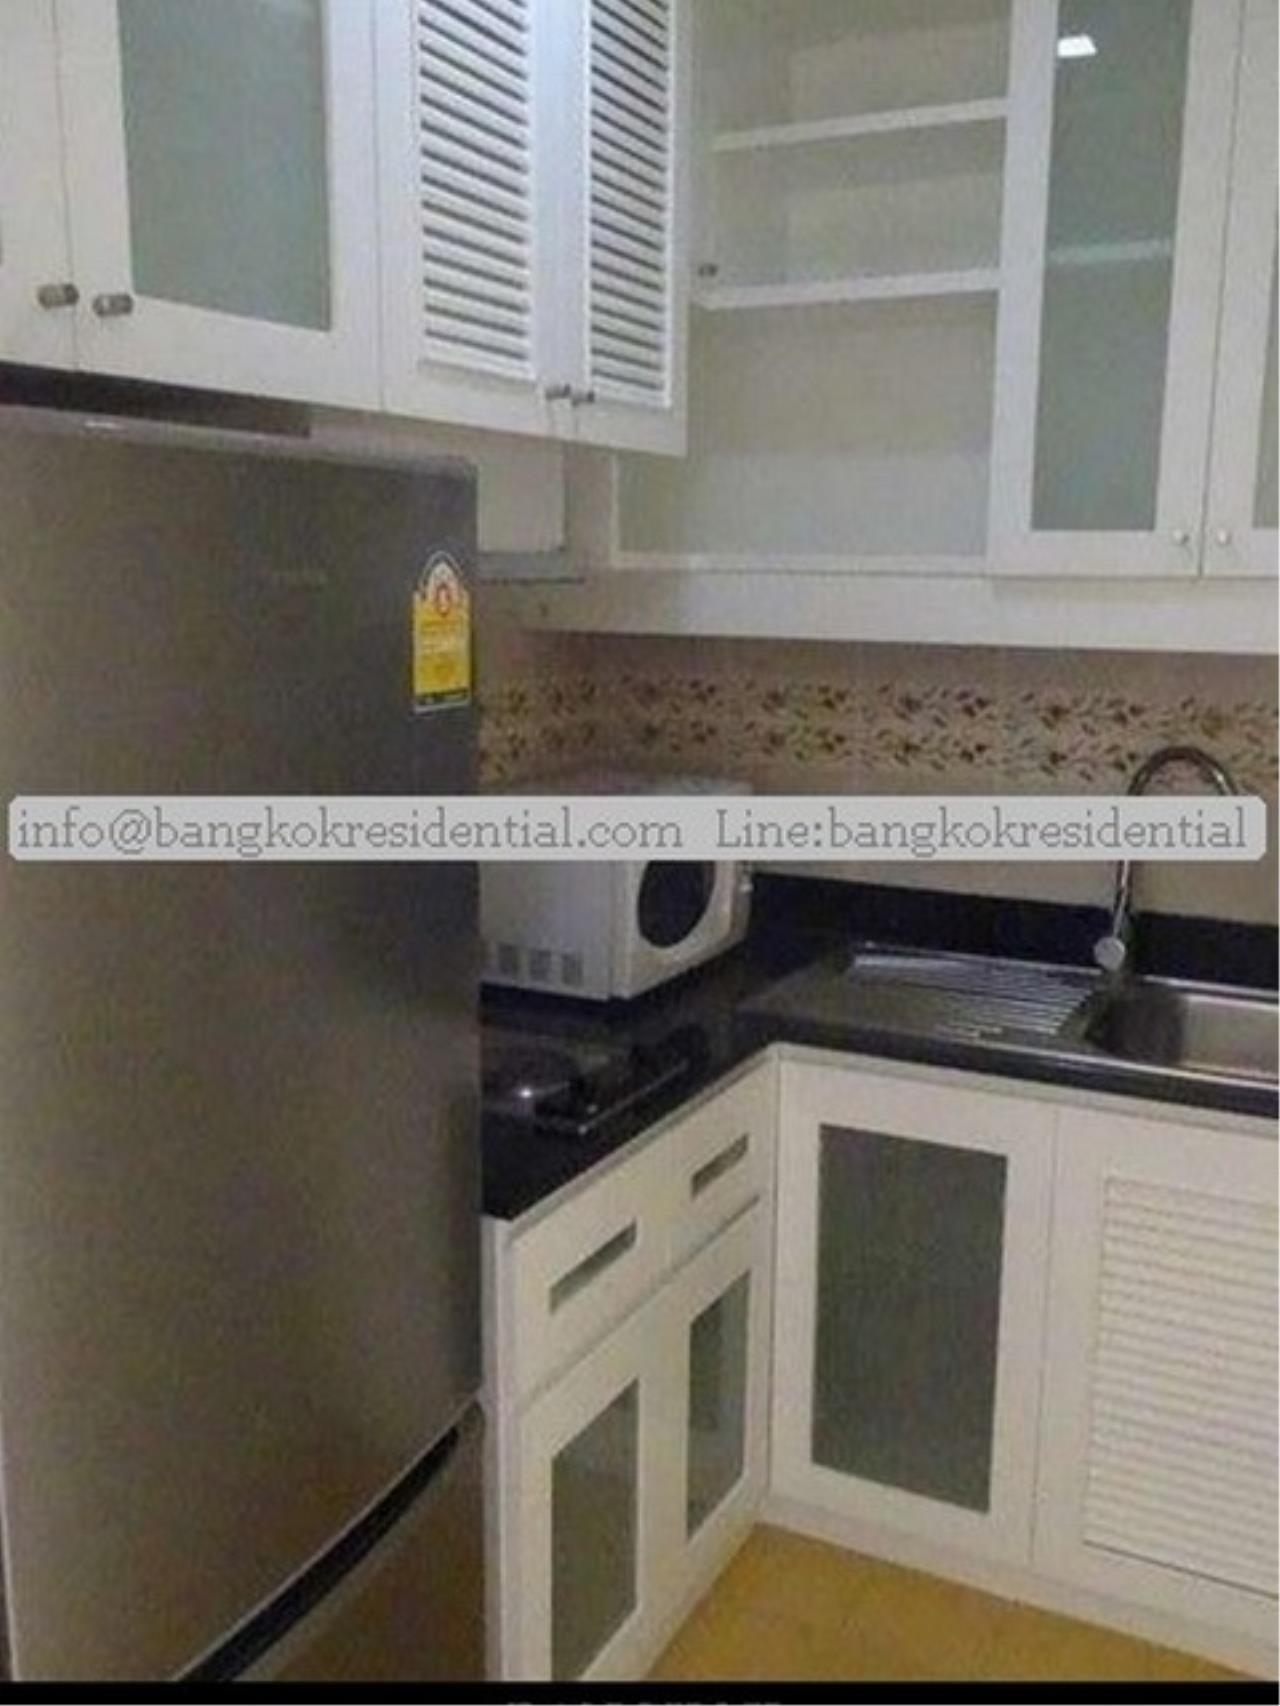 Bangkok Residential Agency's 2BR Prime Mansion Sukhumvit 31 For Rent (BR3932CD) 5